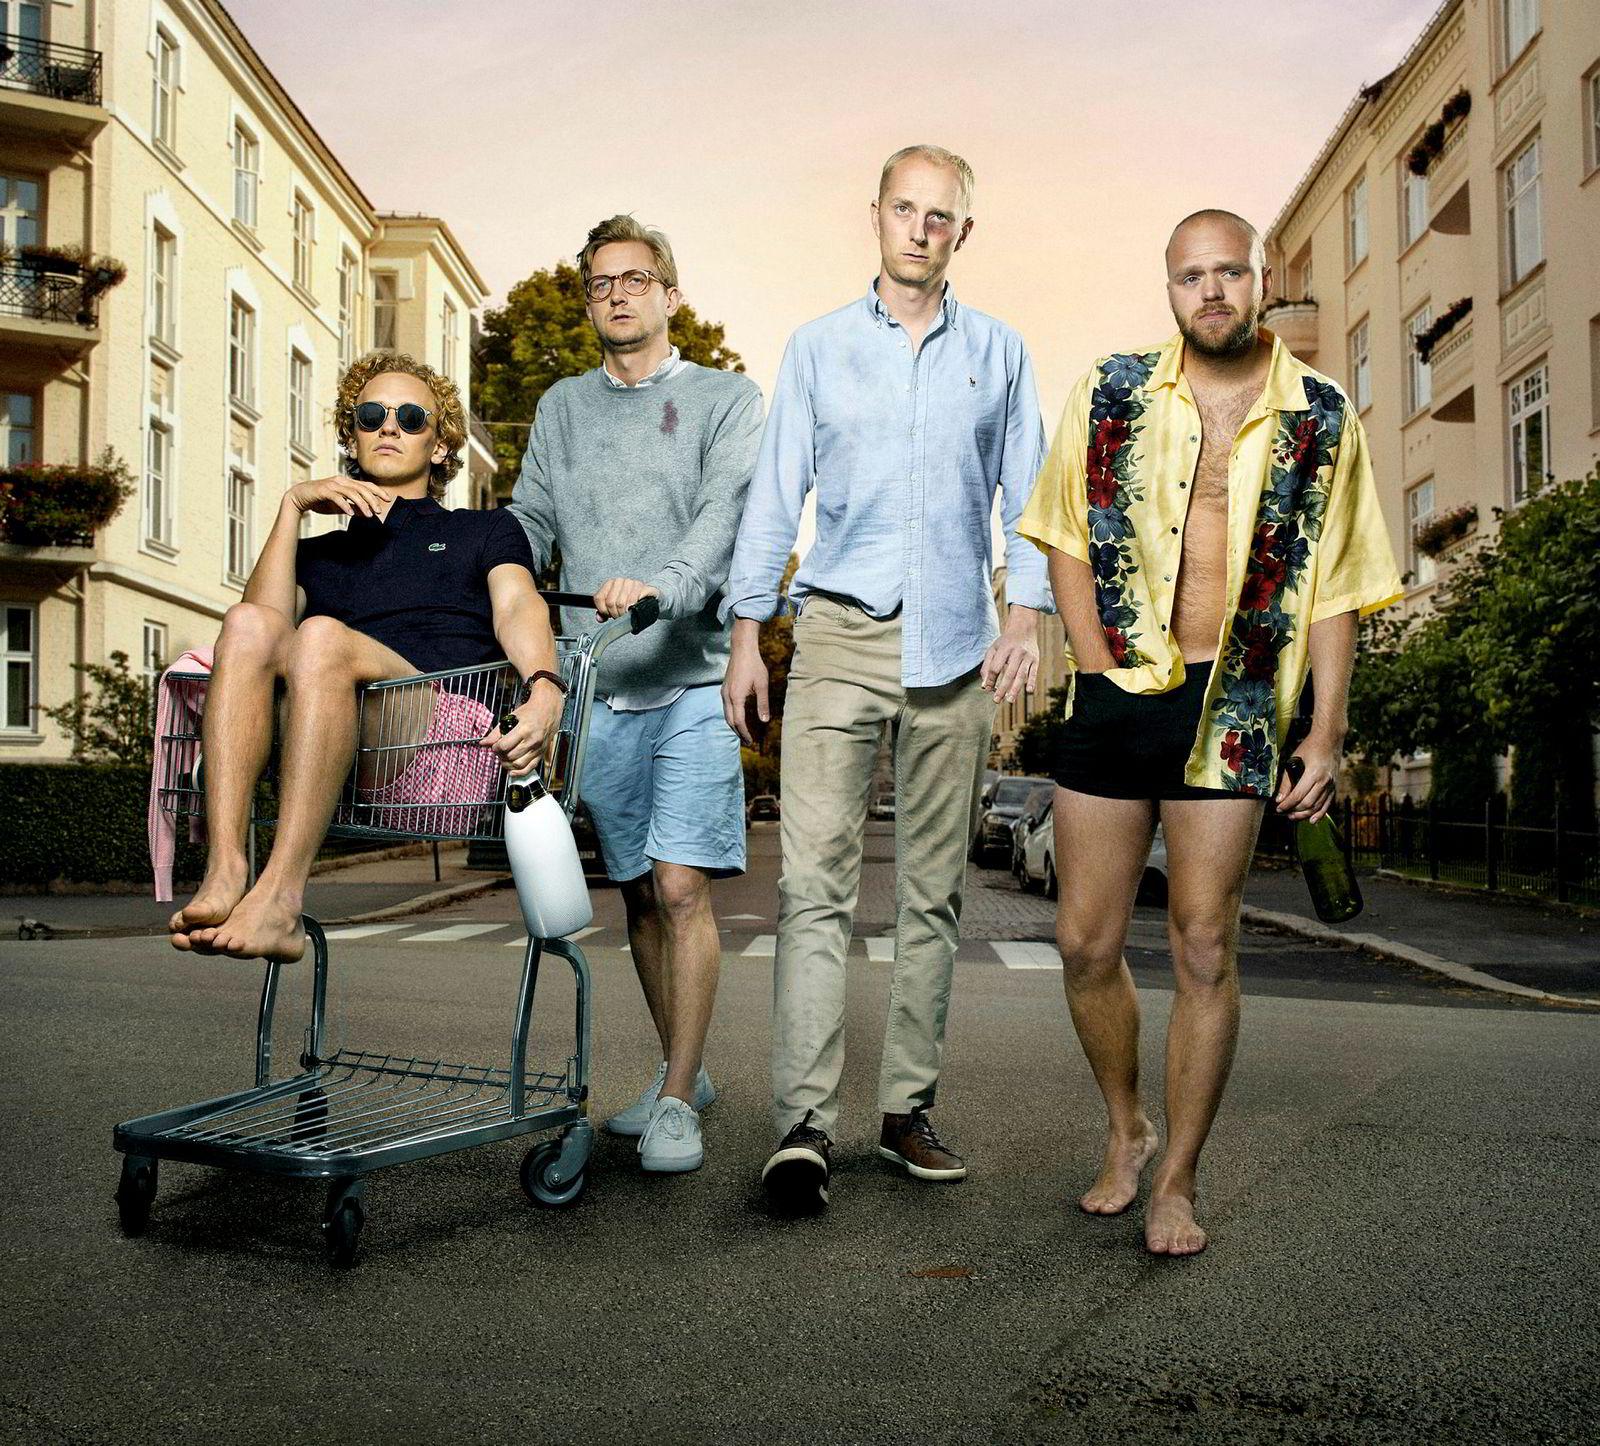 Kompisgjengen i «Hvite gutter» er i midten av 20-årene. Hovedrollene spilles av Eirik Hvattum, Jørgen Evensen, Torjus Tveiten og Johannes Fürst.